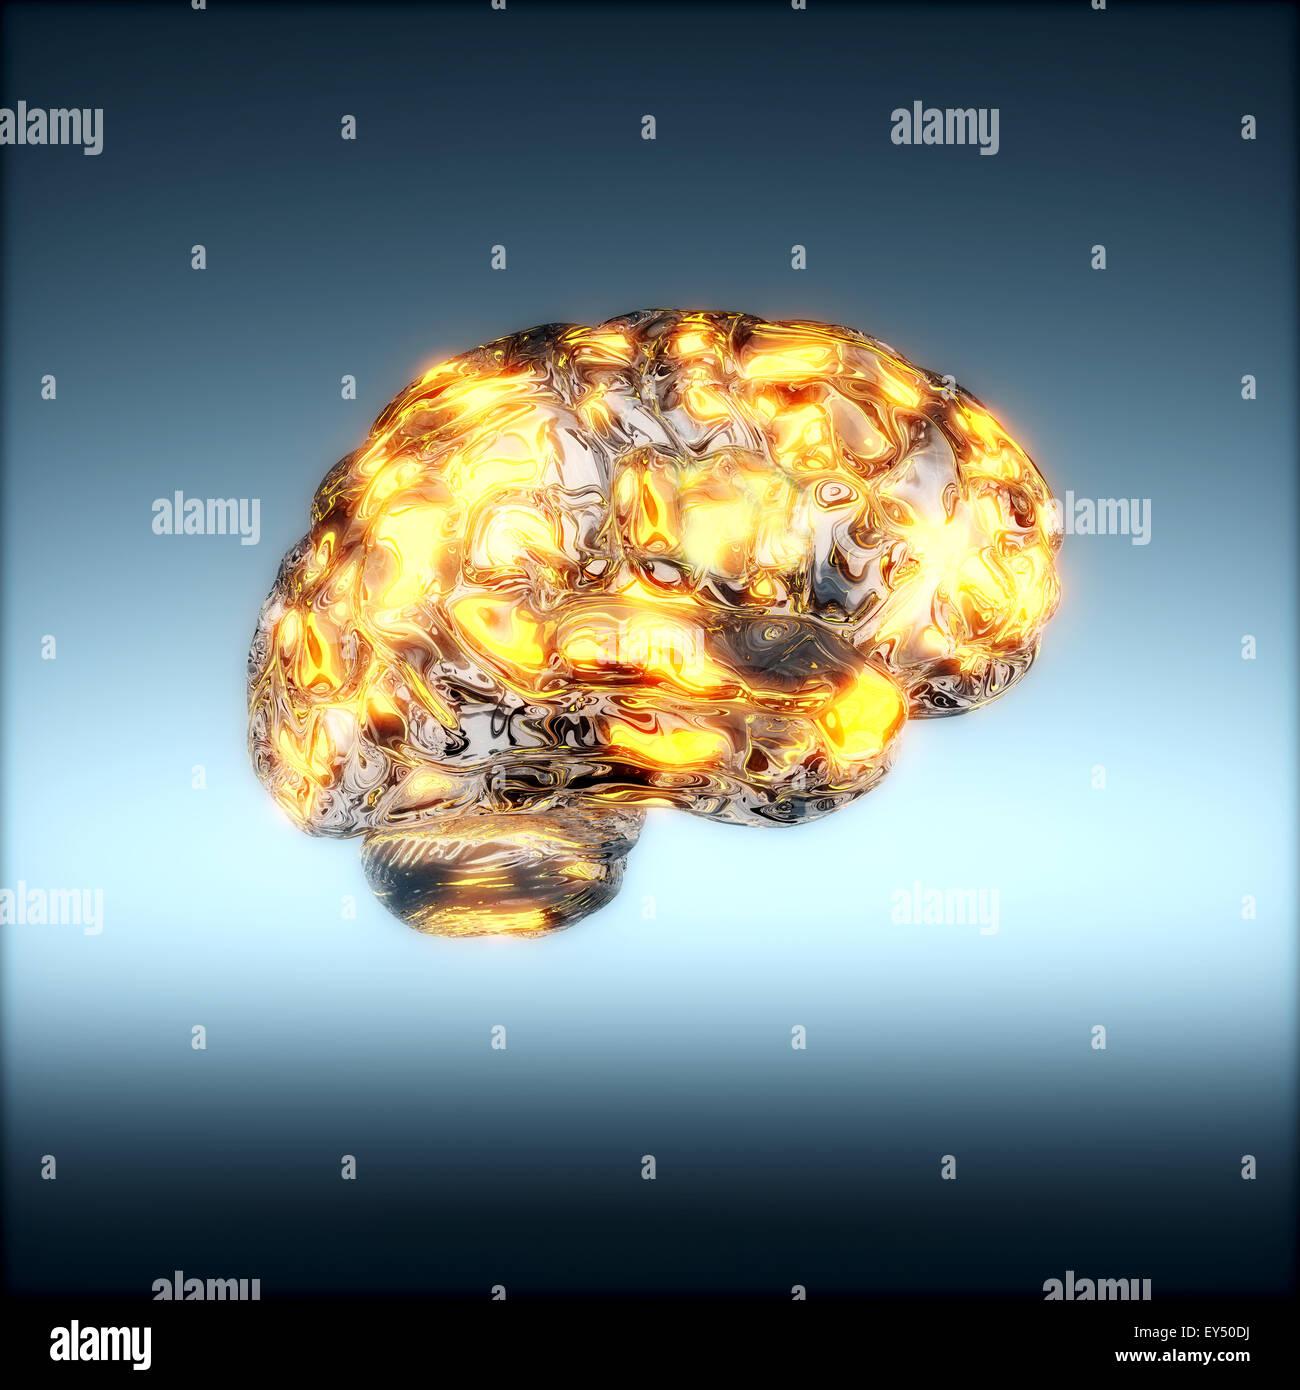 Representación 3D del cerebro humano de vidrio con puntos de luz incandescente. Concepto de un cerebro humano Imagen De Stock